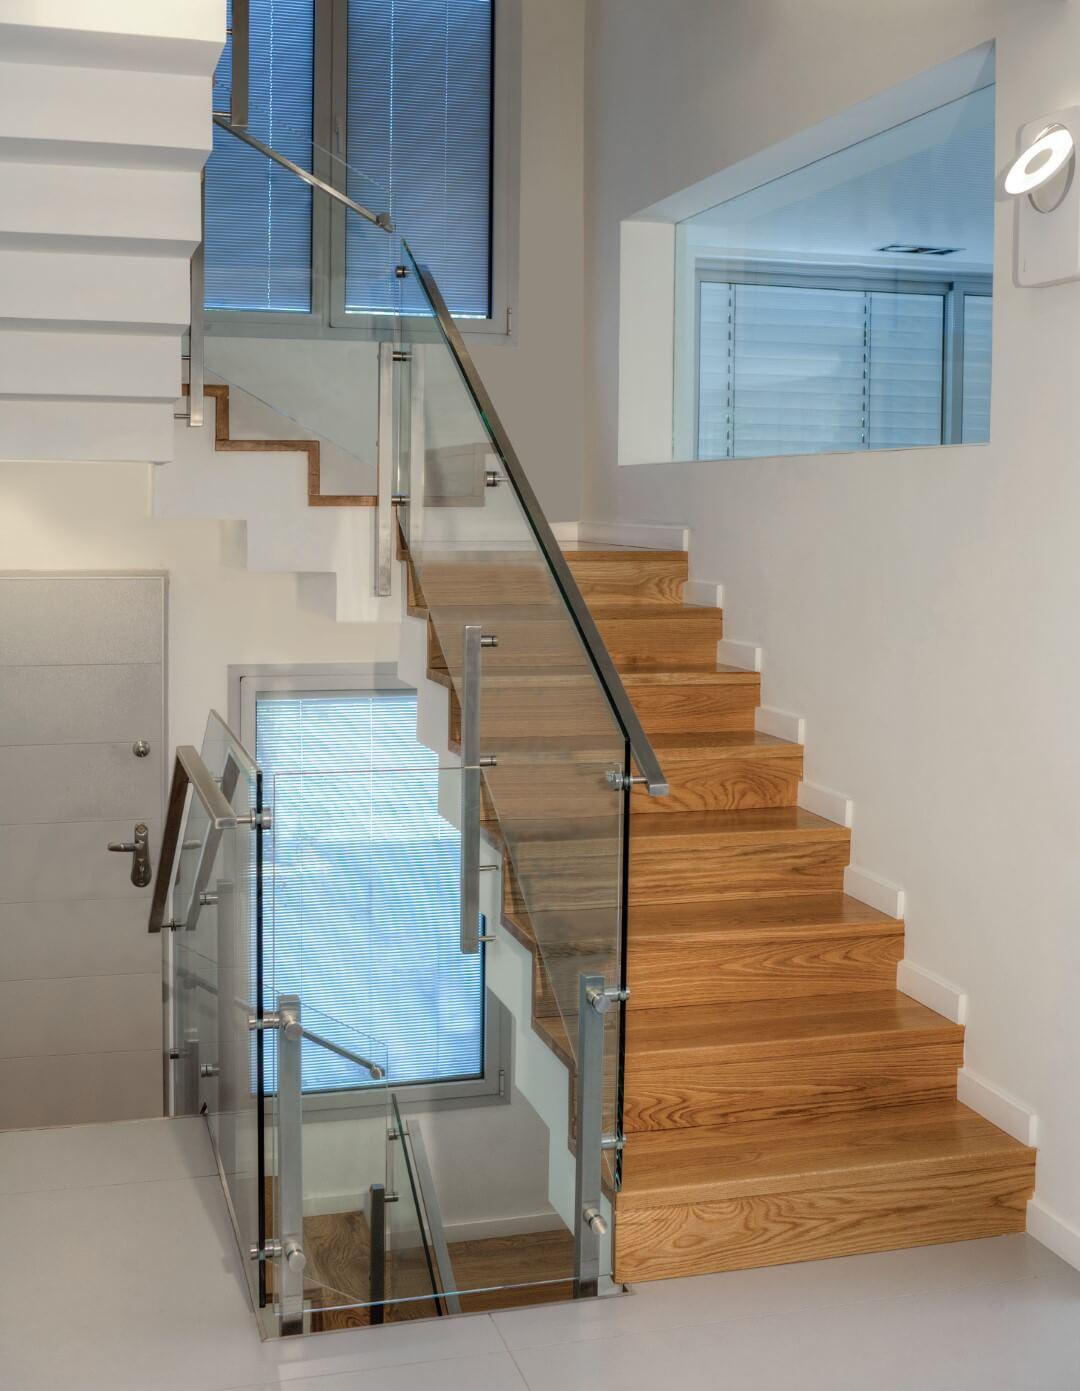 ארבעה גרמי מדרגות עץ אלון בליווי מעקה זכוכית ונירסוטה